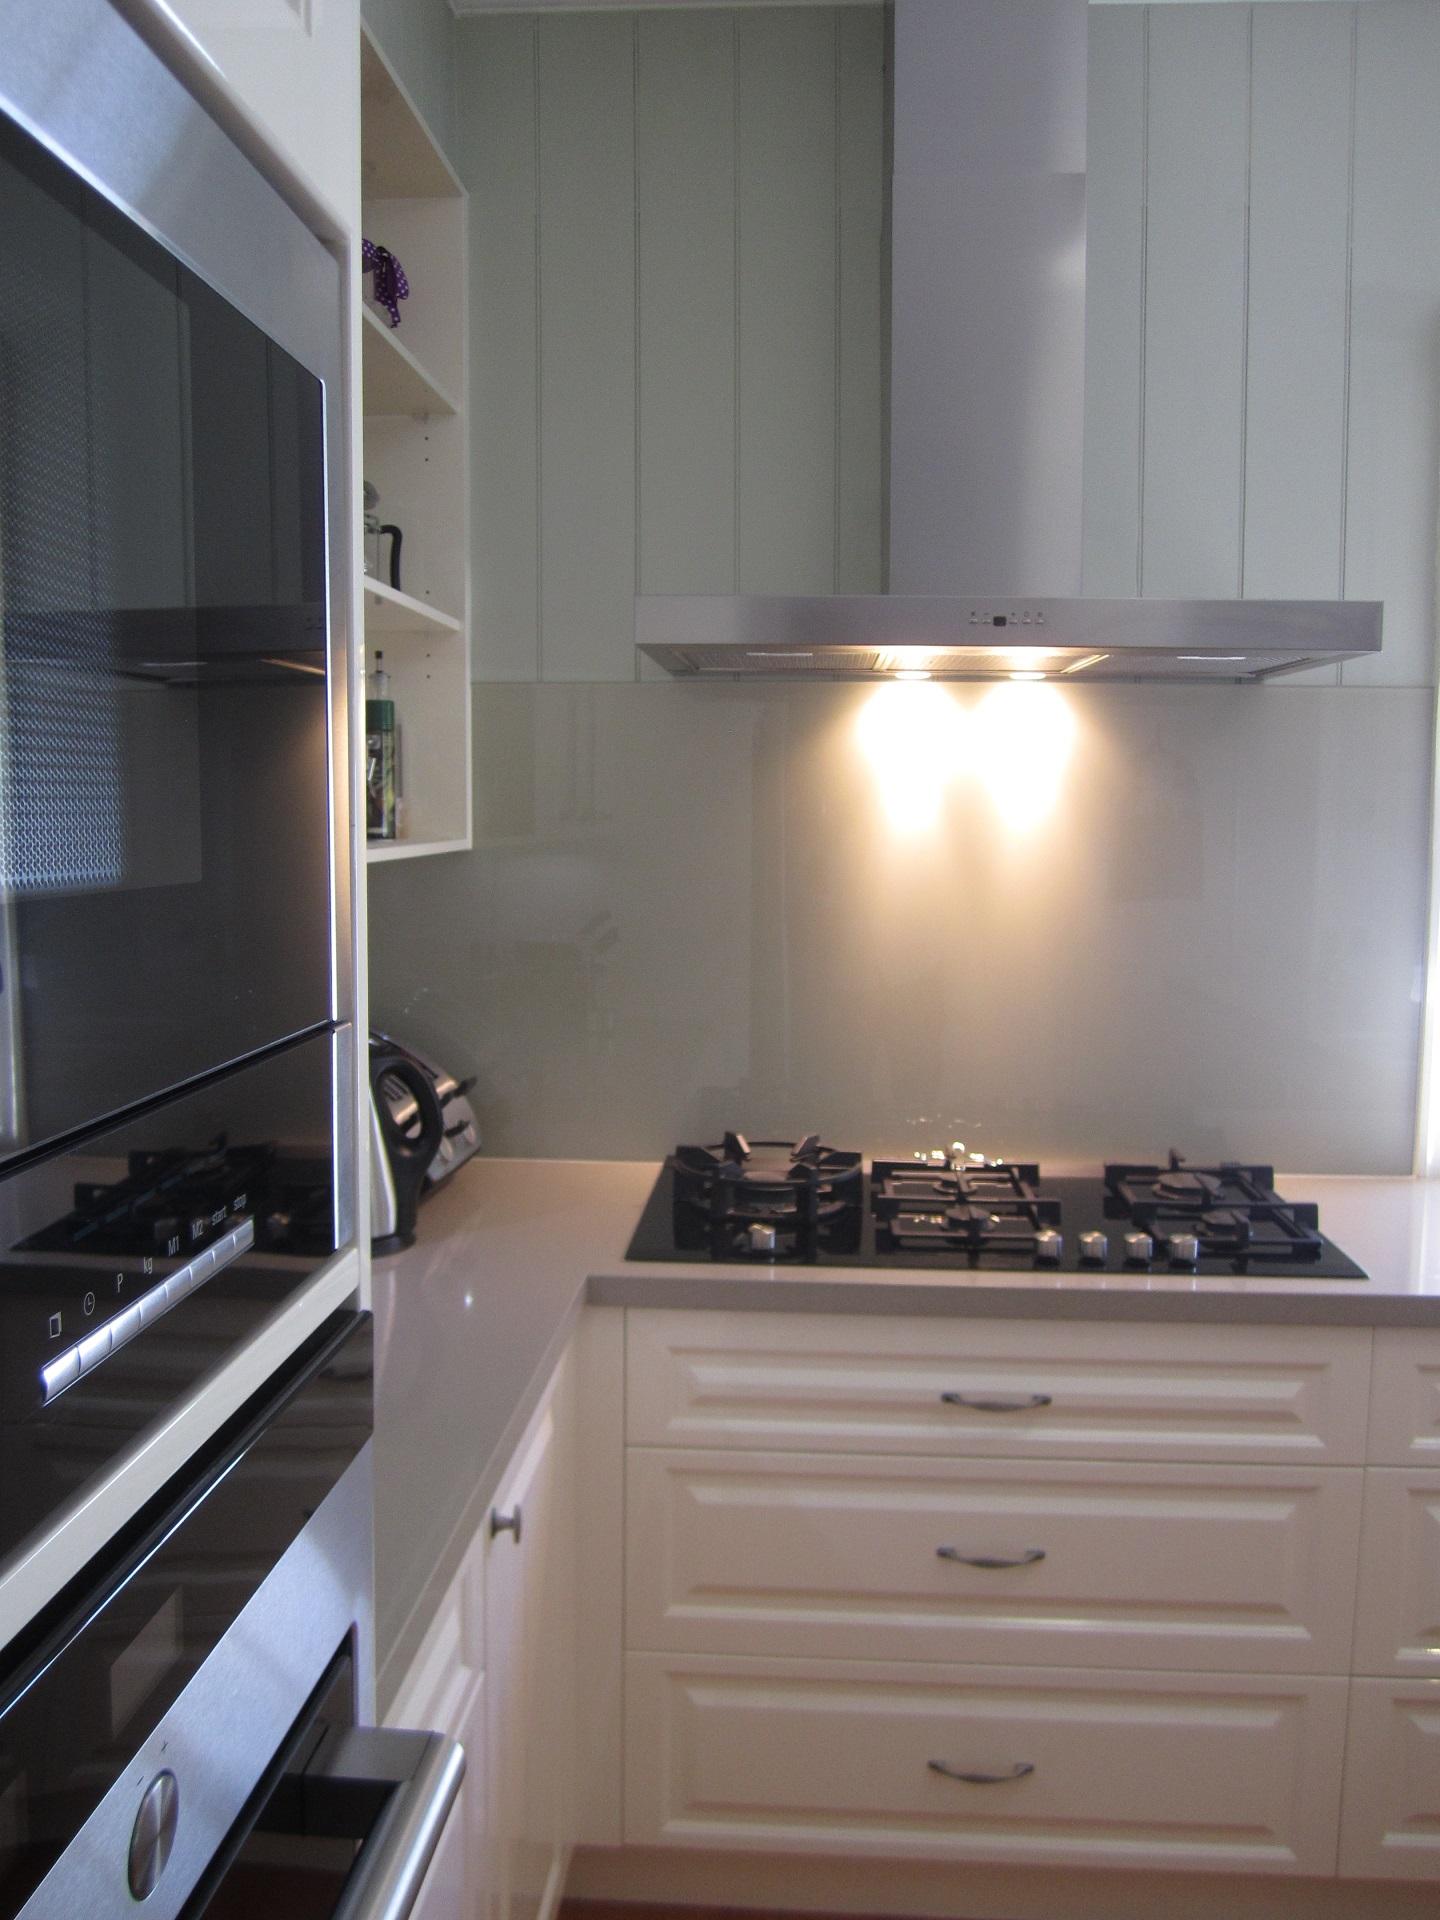 brisbane-kitchen-design-paddington-traditional-kitchen-renovation6